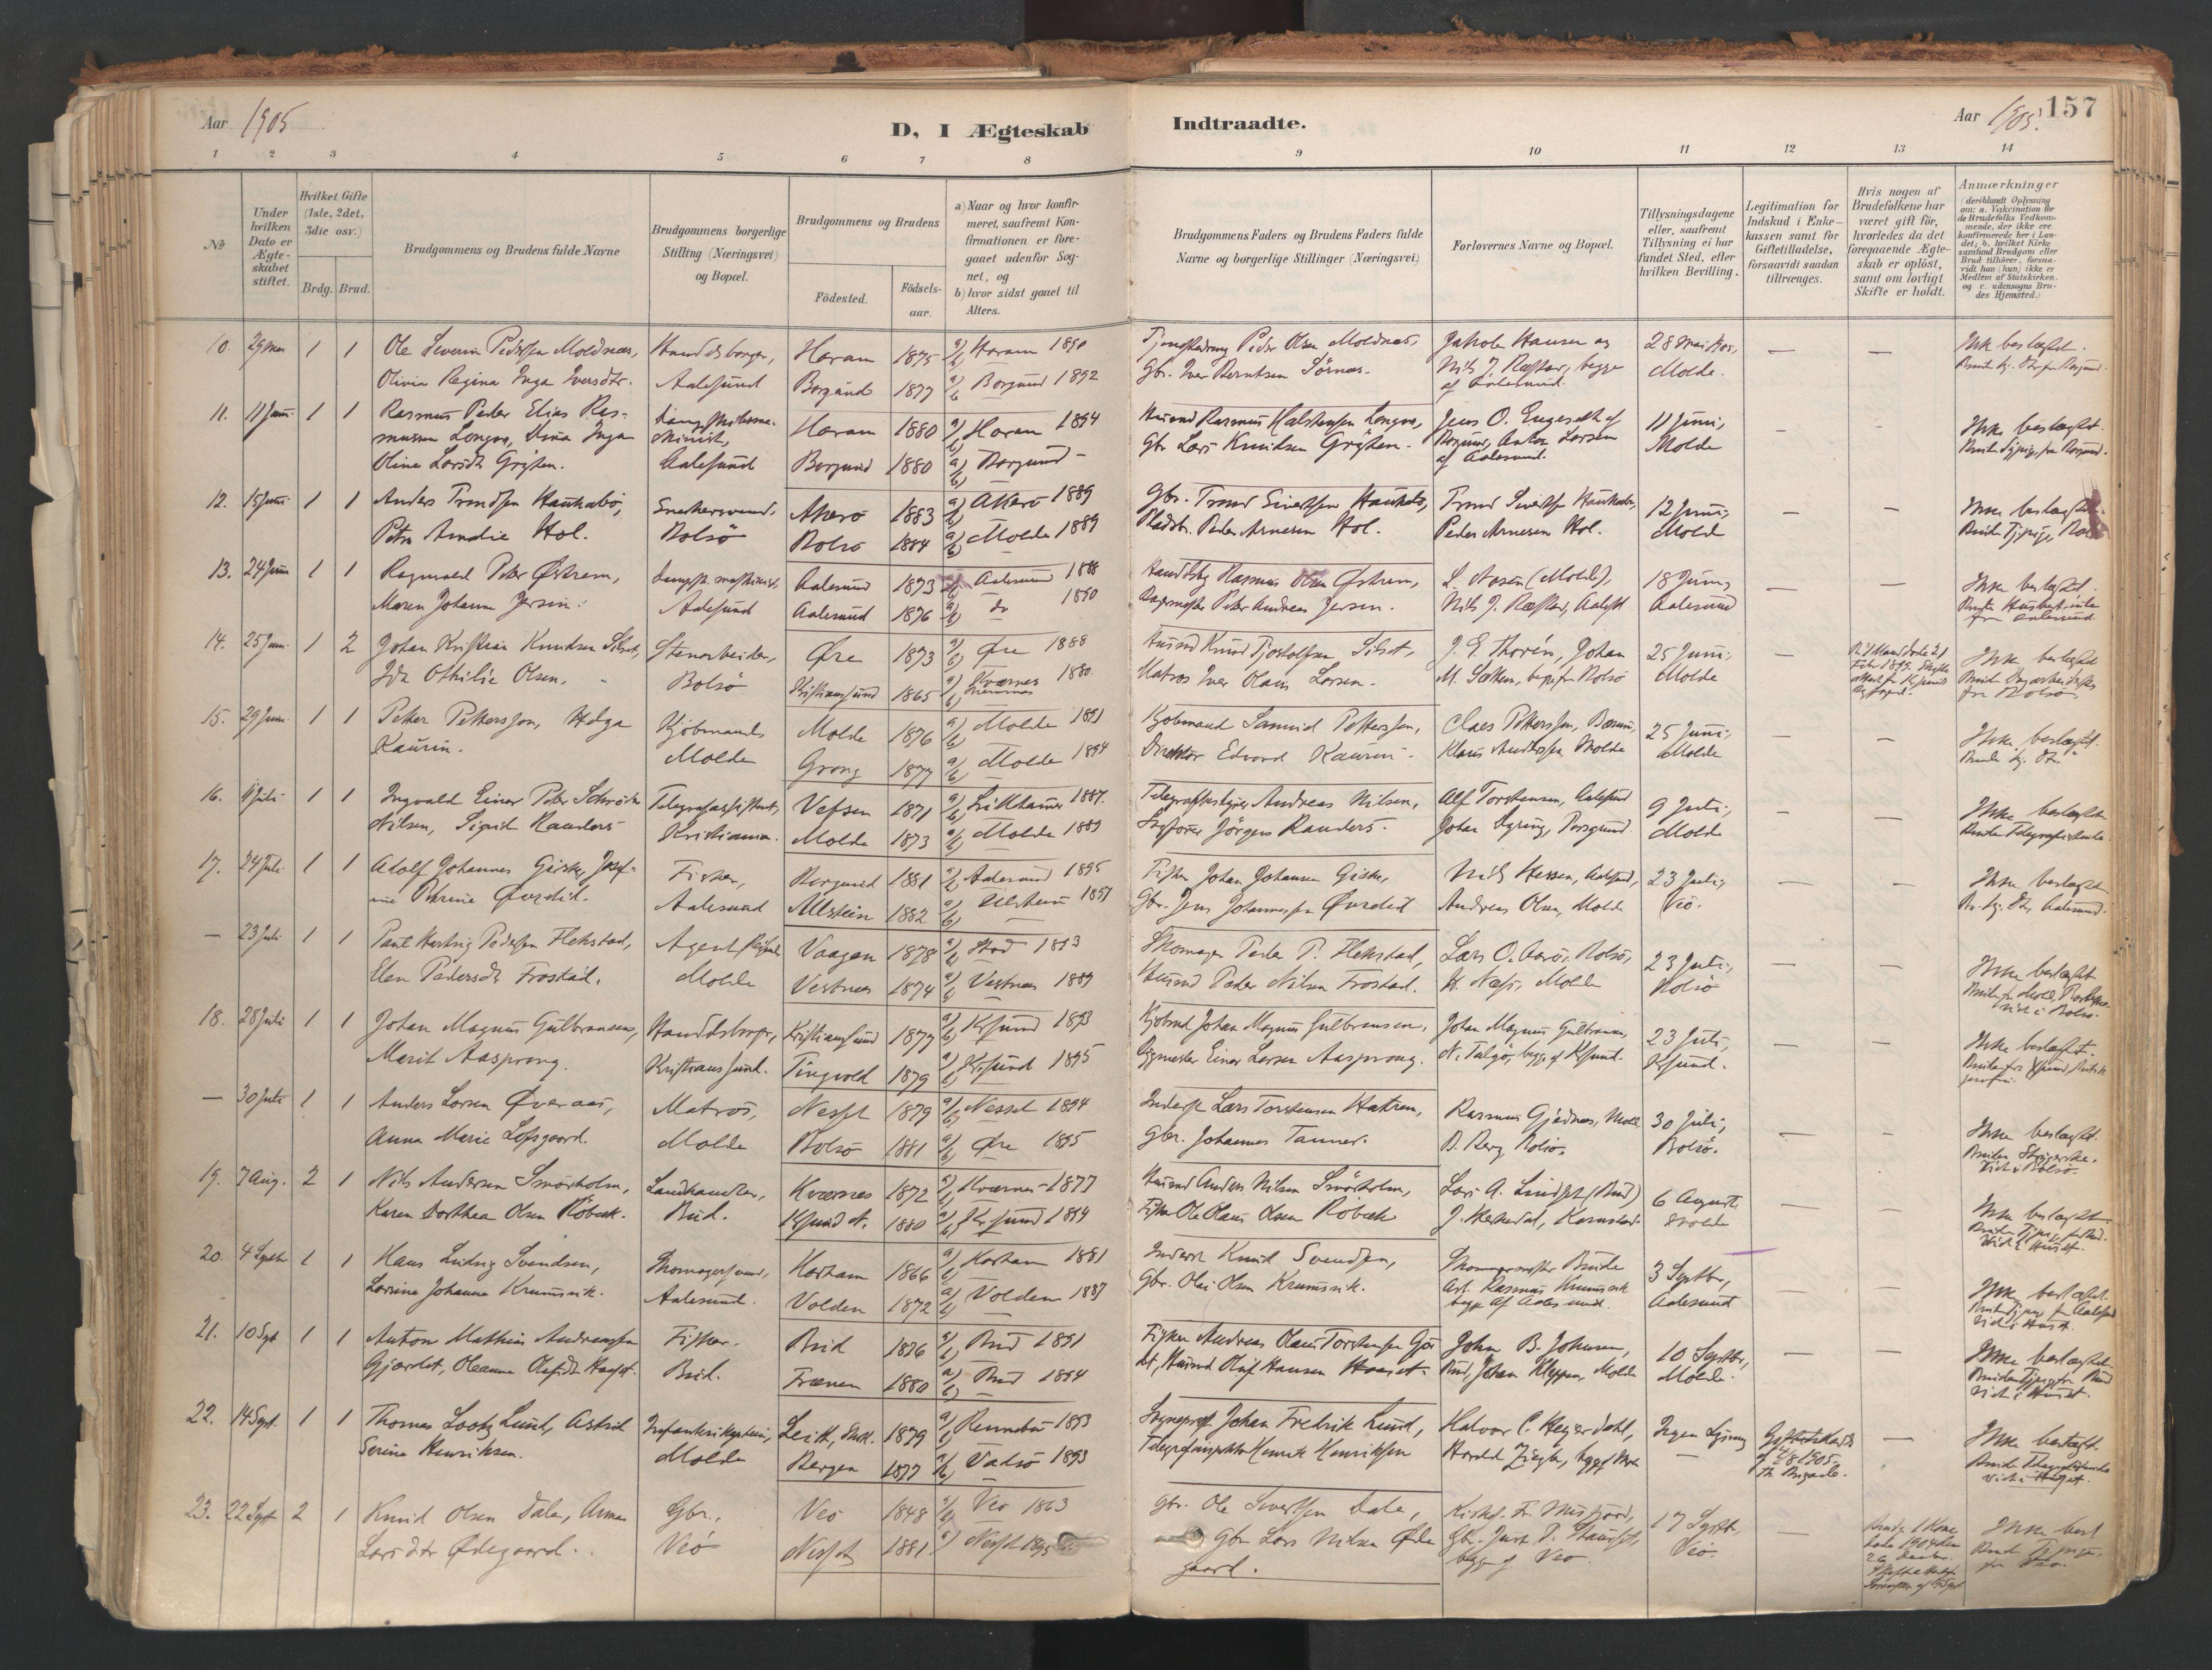 SAT, Ministerialprotokoller, klokkerbøker og fødselsregistre - Møre og Romsdal, 558/L0692: Ministerialbok nr. 558A06, 1887-1971, s. 157